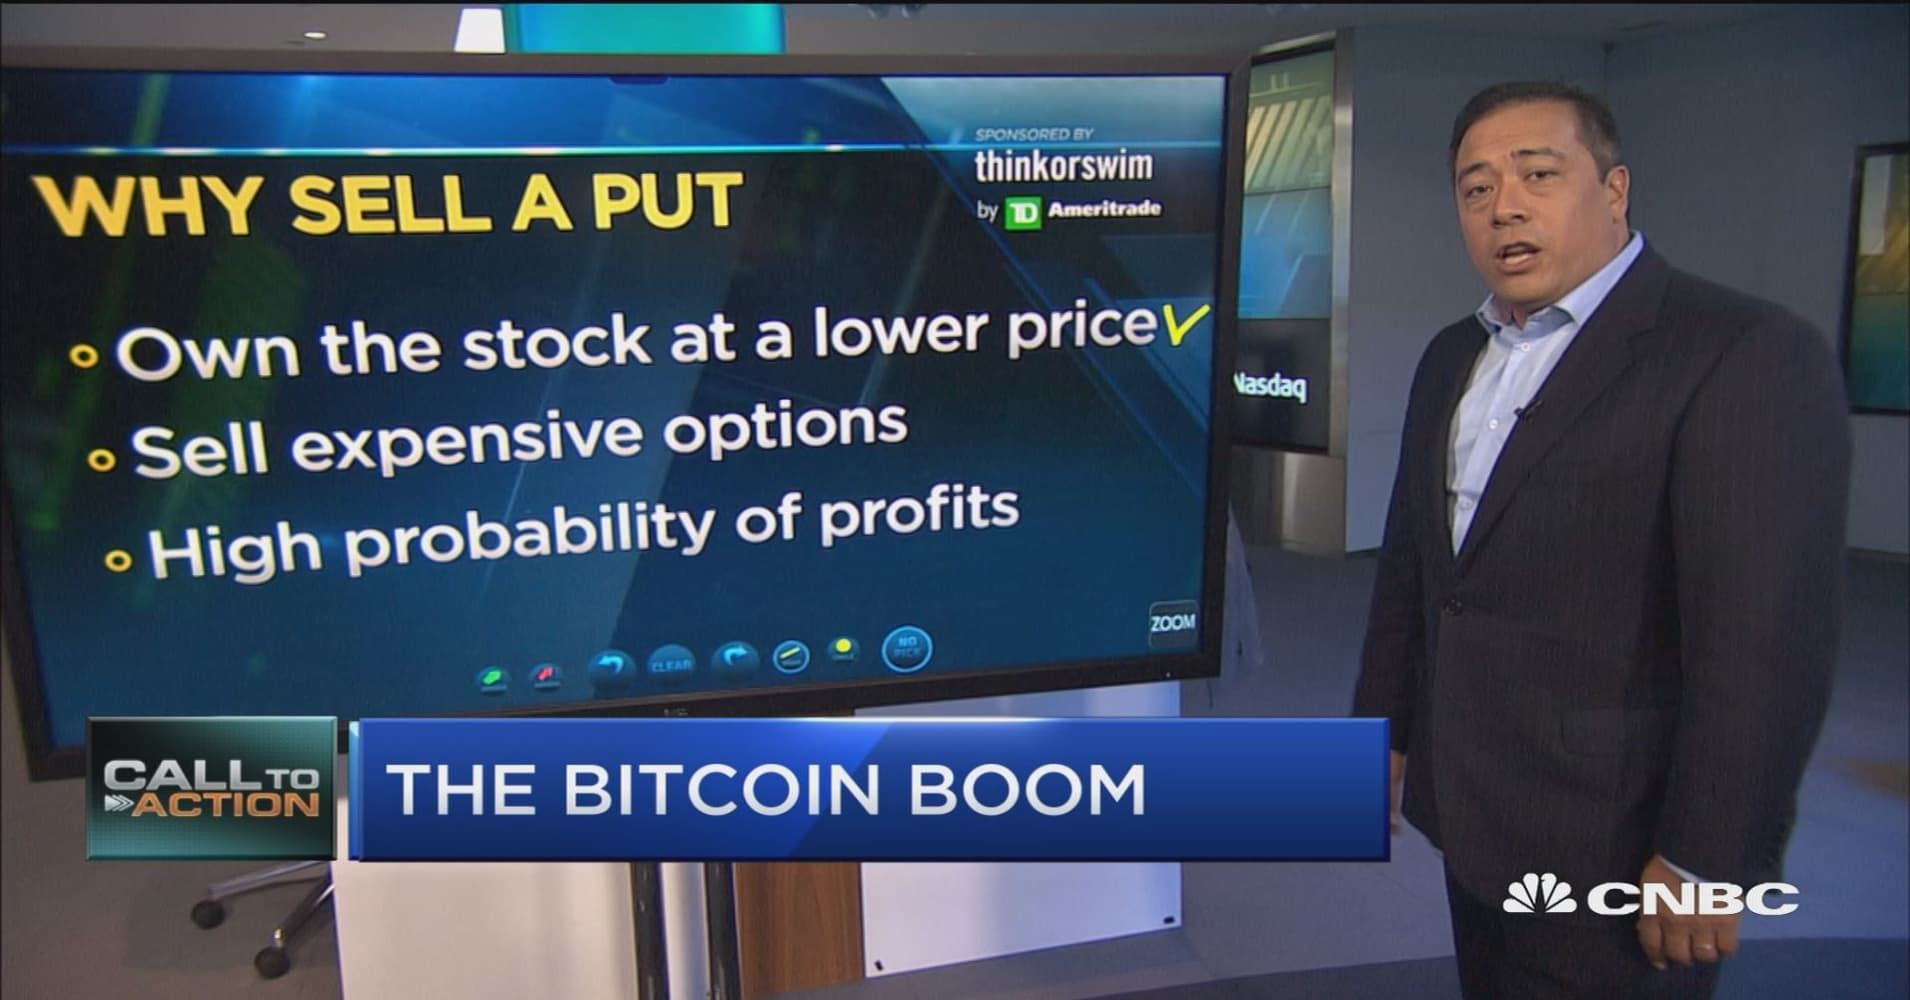 Bitcoin value increase since 2010